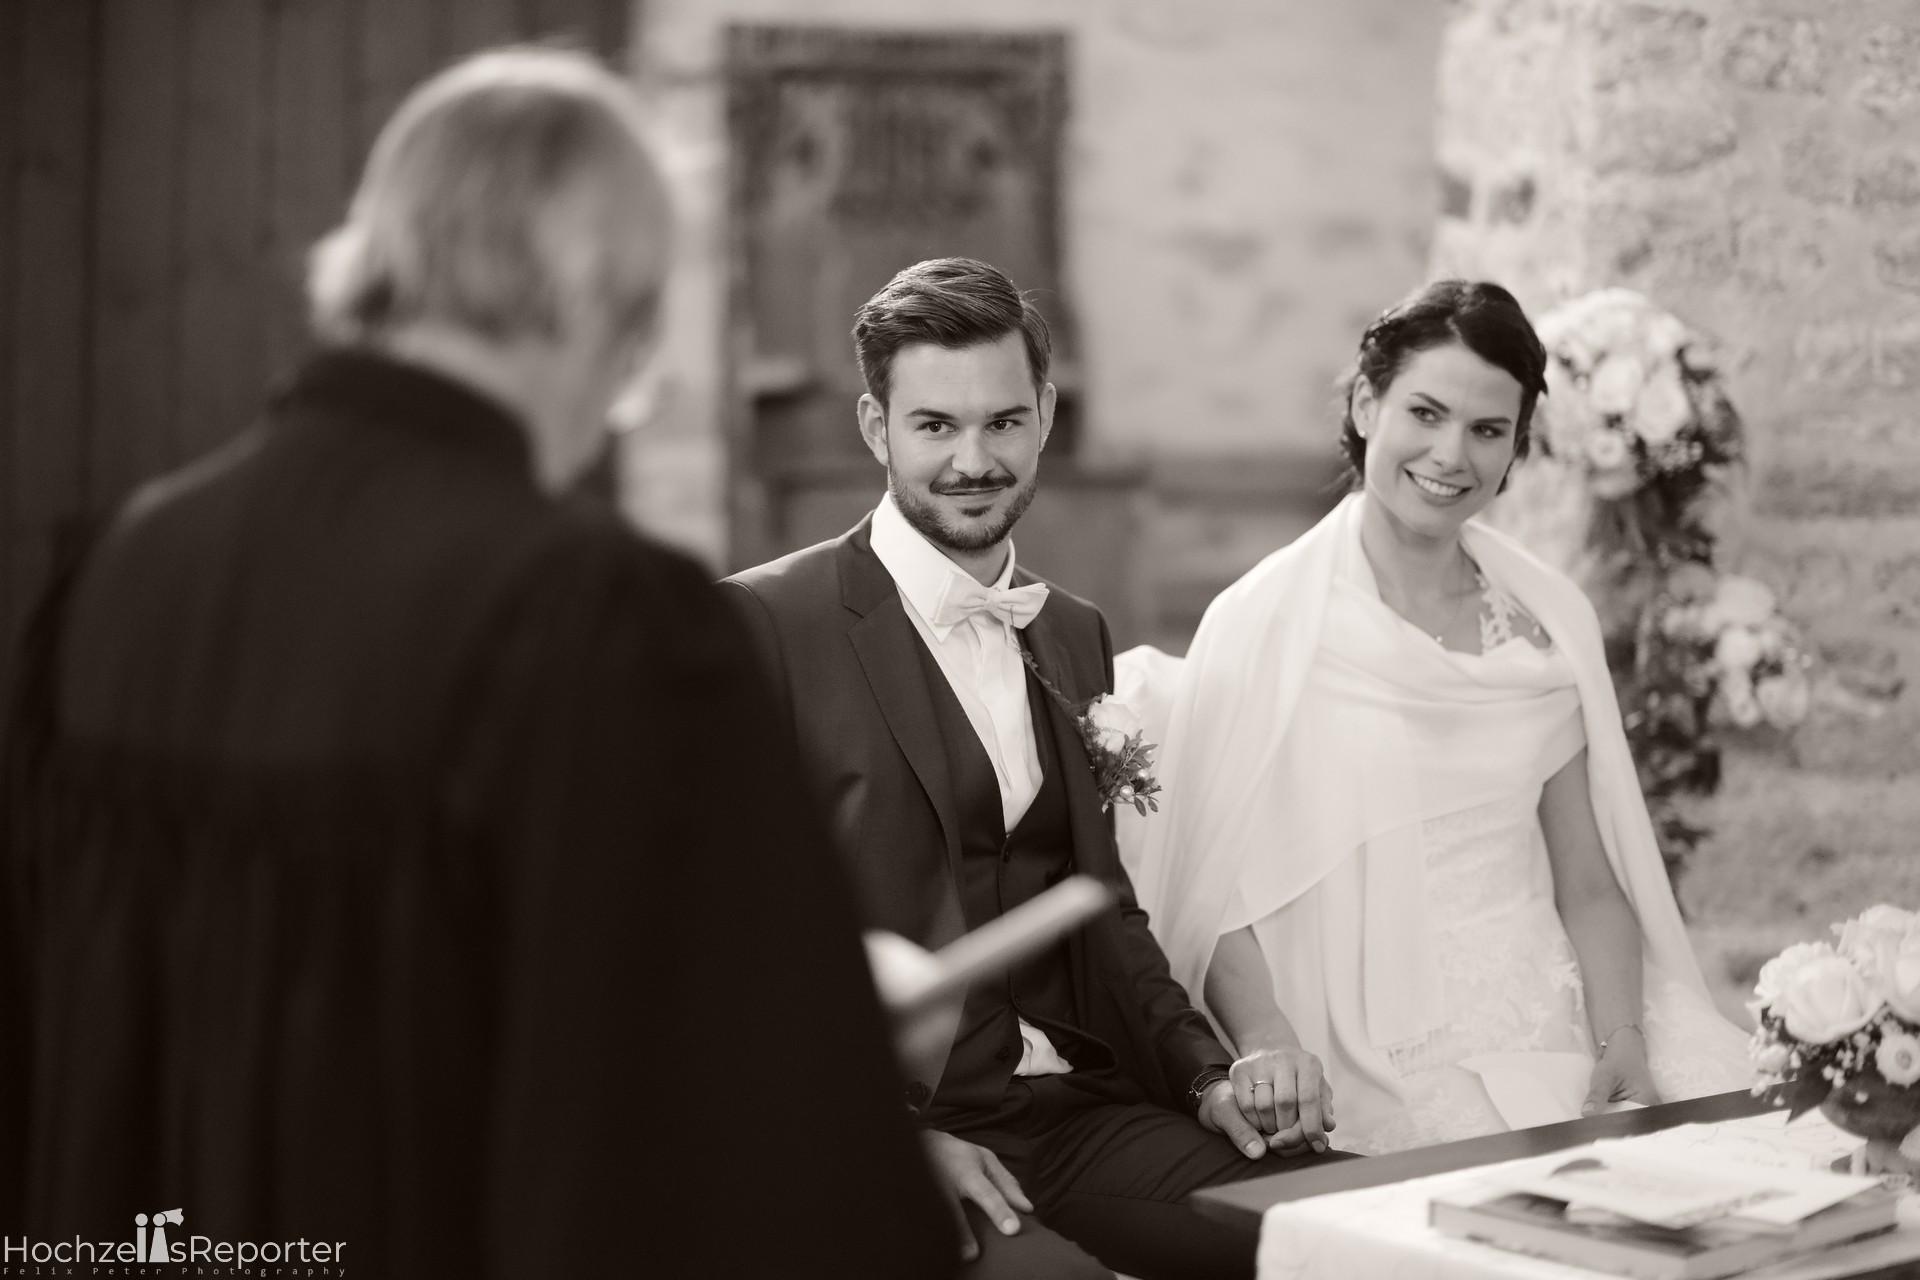 Hochzeitsfotograf_Bern_Thun_014.jpg